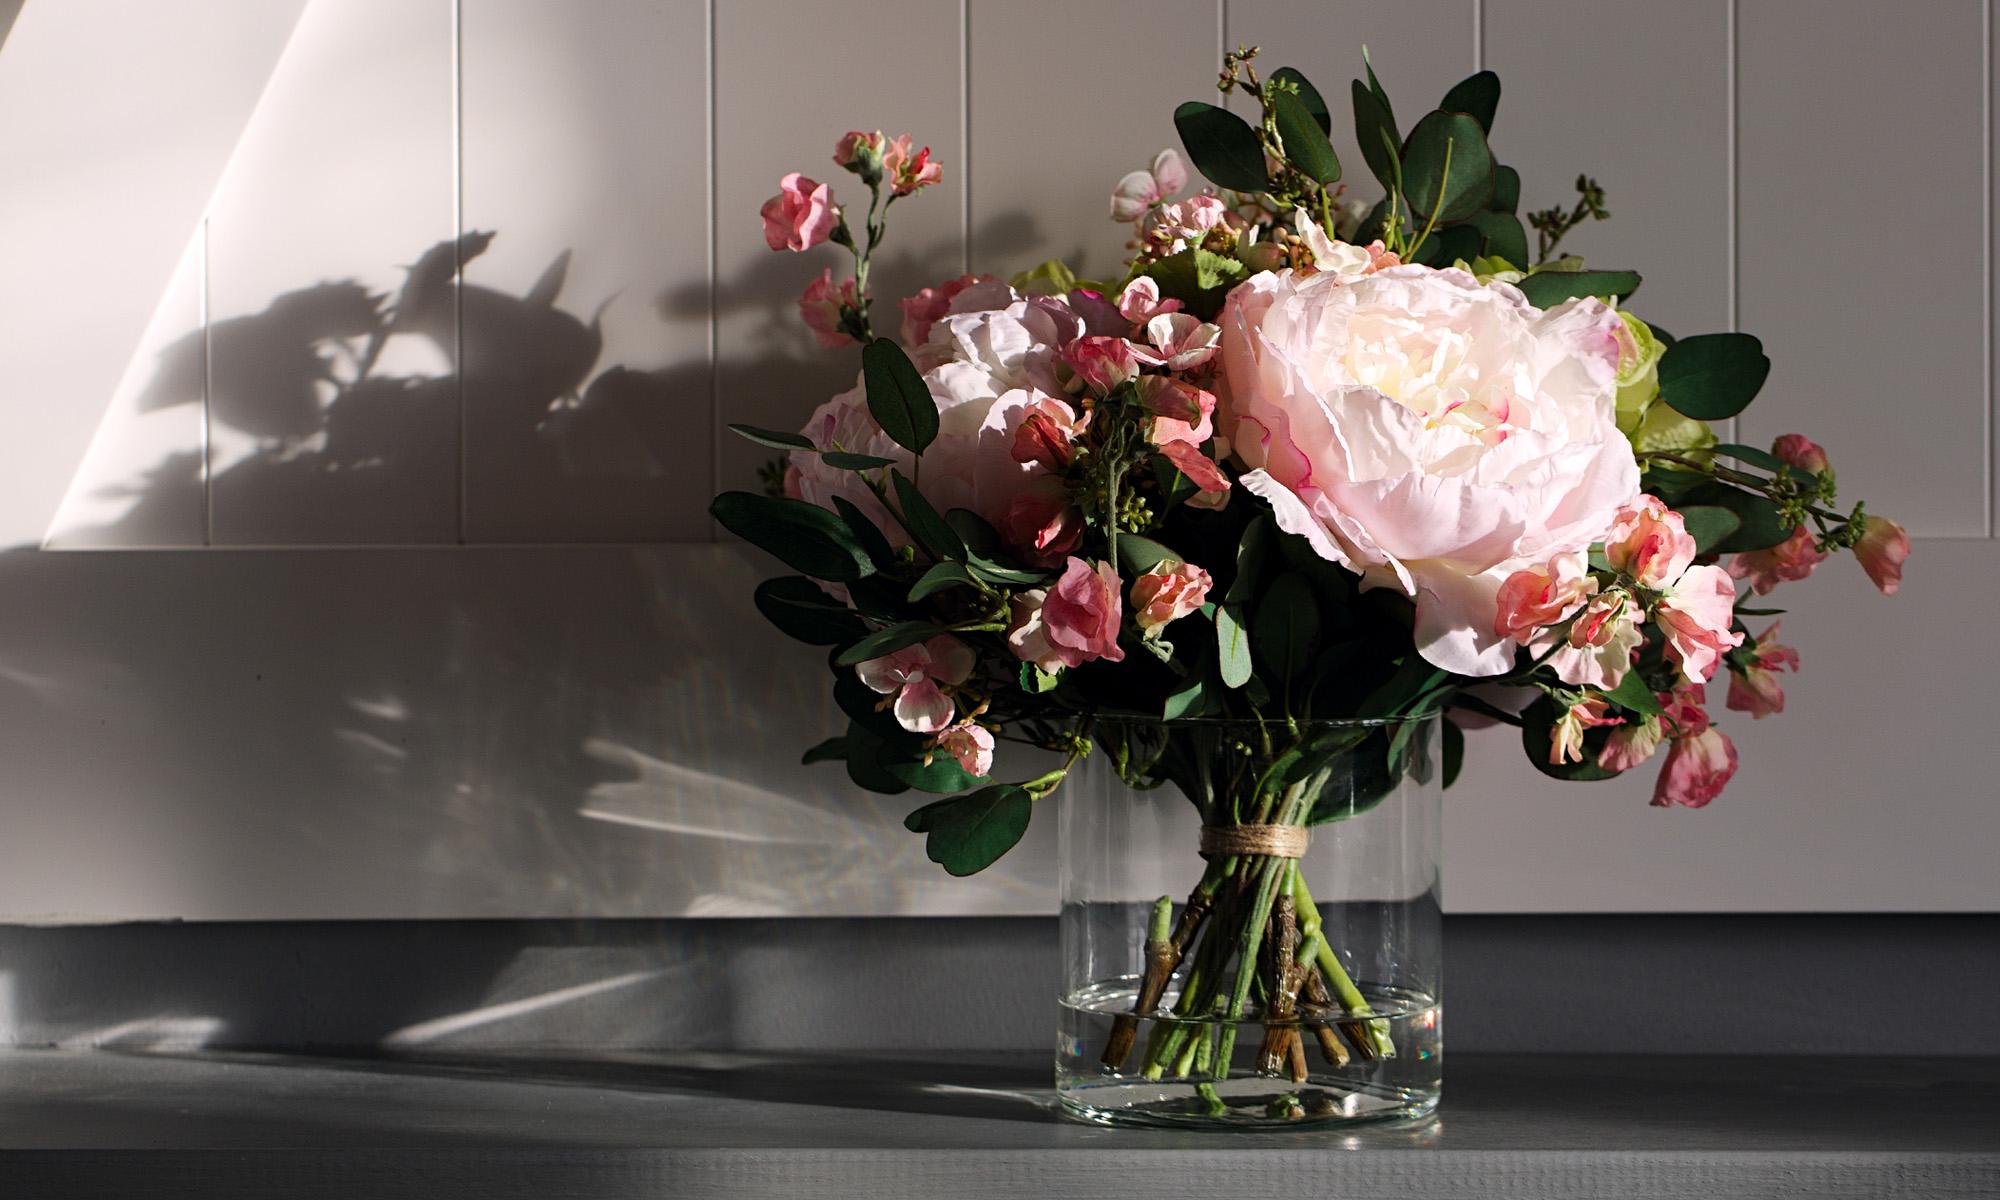 Купить Композиция из искусственных цветов - пышные пионы, салатовая гортензия, душистый горошек, inmyroom, Россия